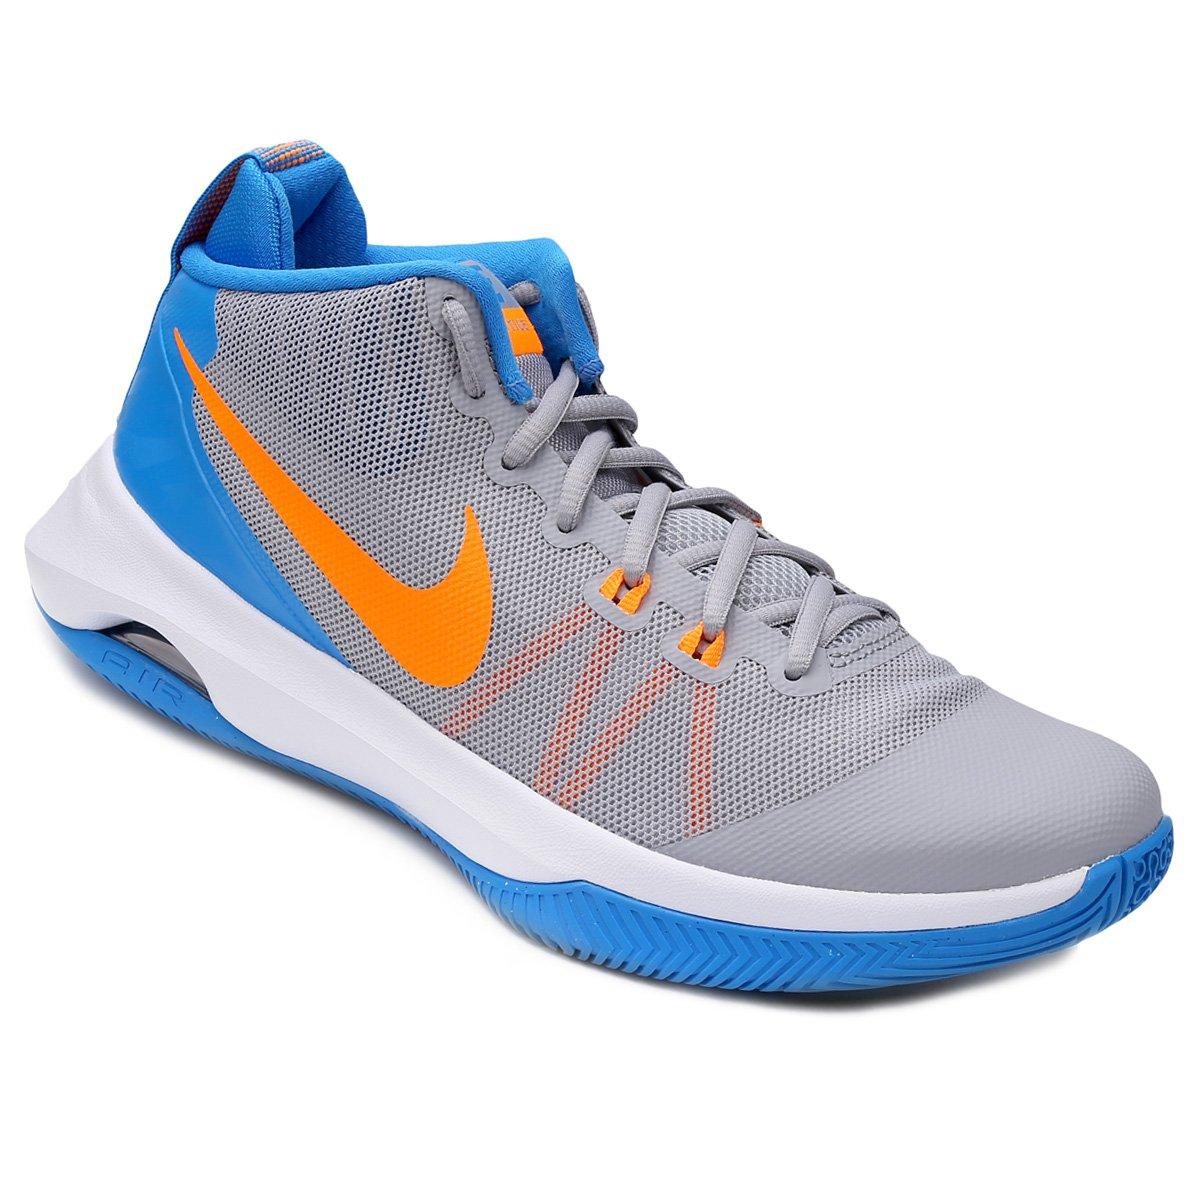 cd9e8ca1288 Tênis Nike Air Versitile Masculino - Cinza e Azul - Compre Agora ...